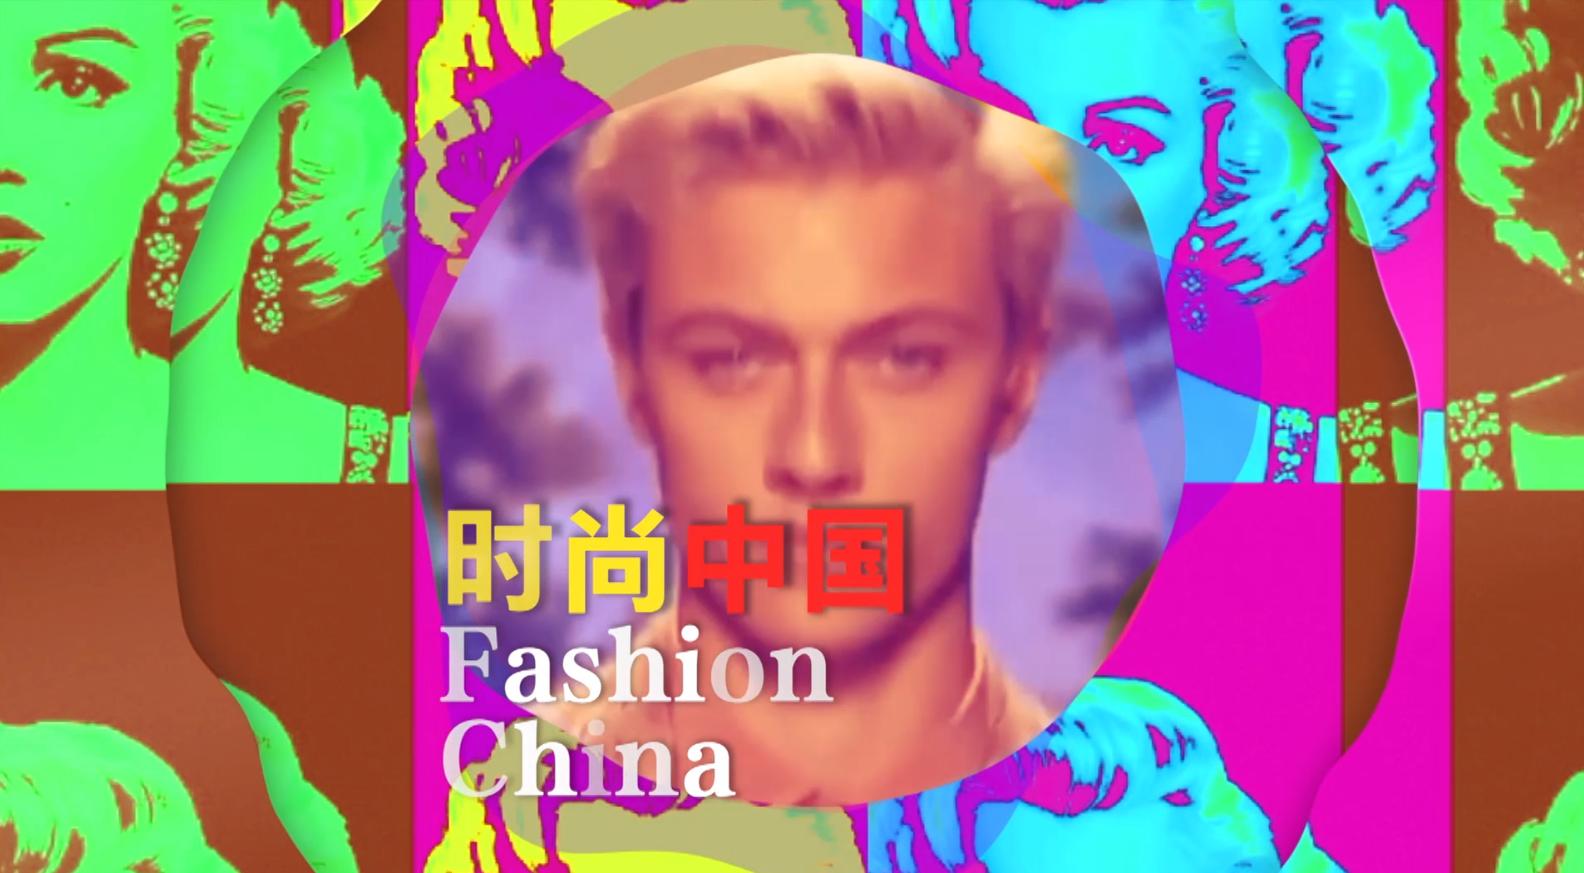 广西卫视时尚中国-城围联2017赛季专题片第二集